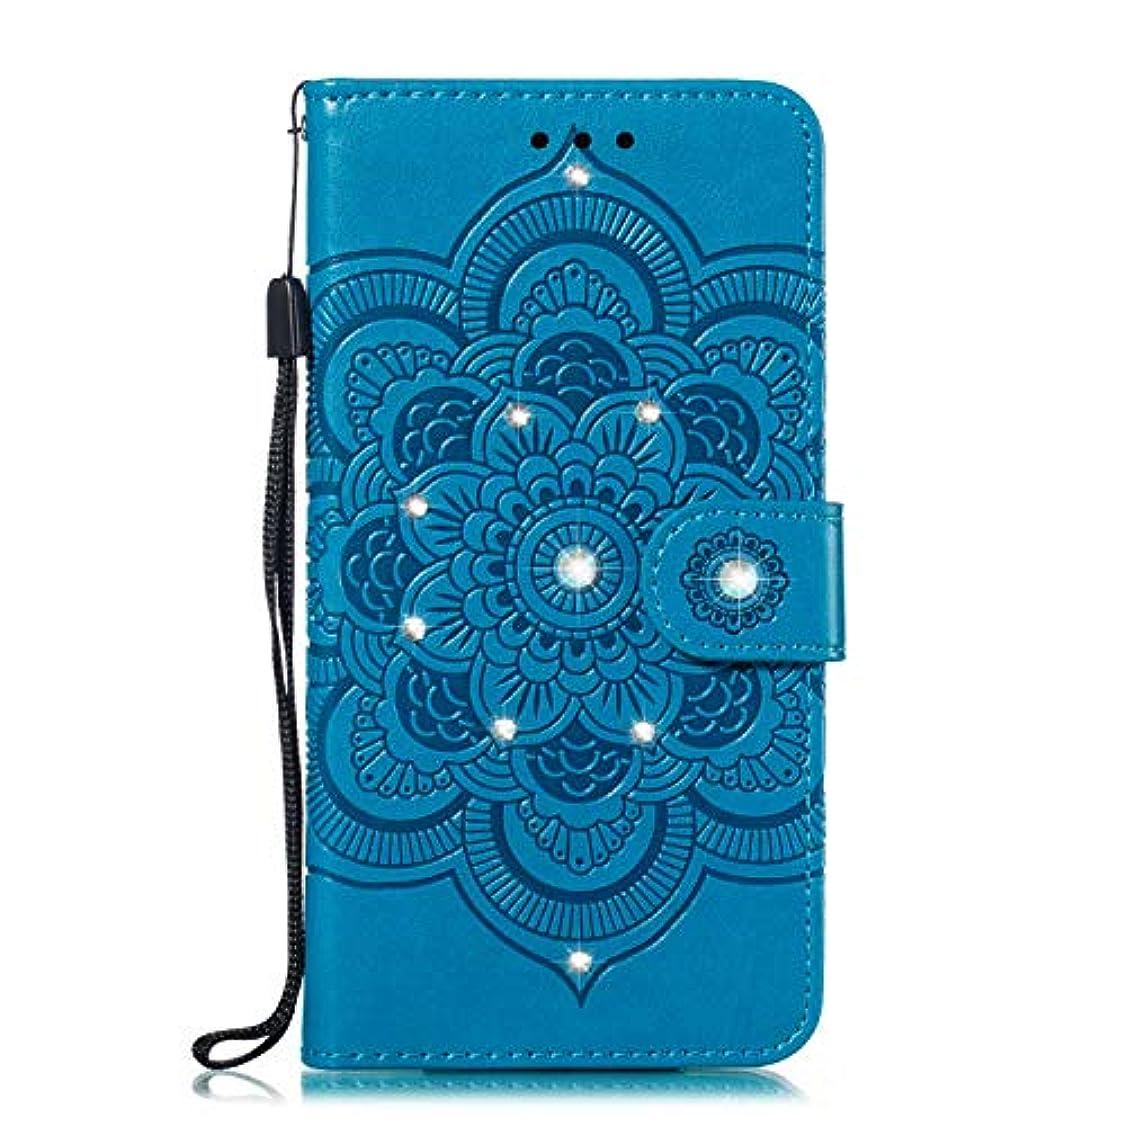 ビーチ器官隔離するOMATENTI Huawei Honor 10 ケース 手帳型 かわいい レディース用 合皮PUレザー 財布型 保護ケース ザー カード収納 スタンド 機能 マグネット 人気 高品質 ダイヤモンドの輝き マンダラのエンボス加工 ケース, 青